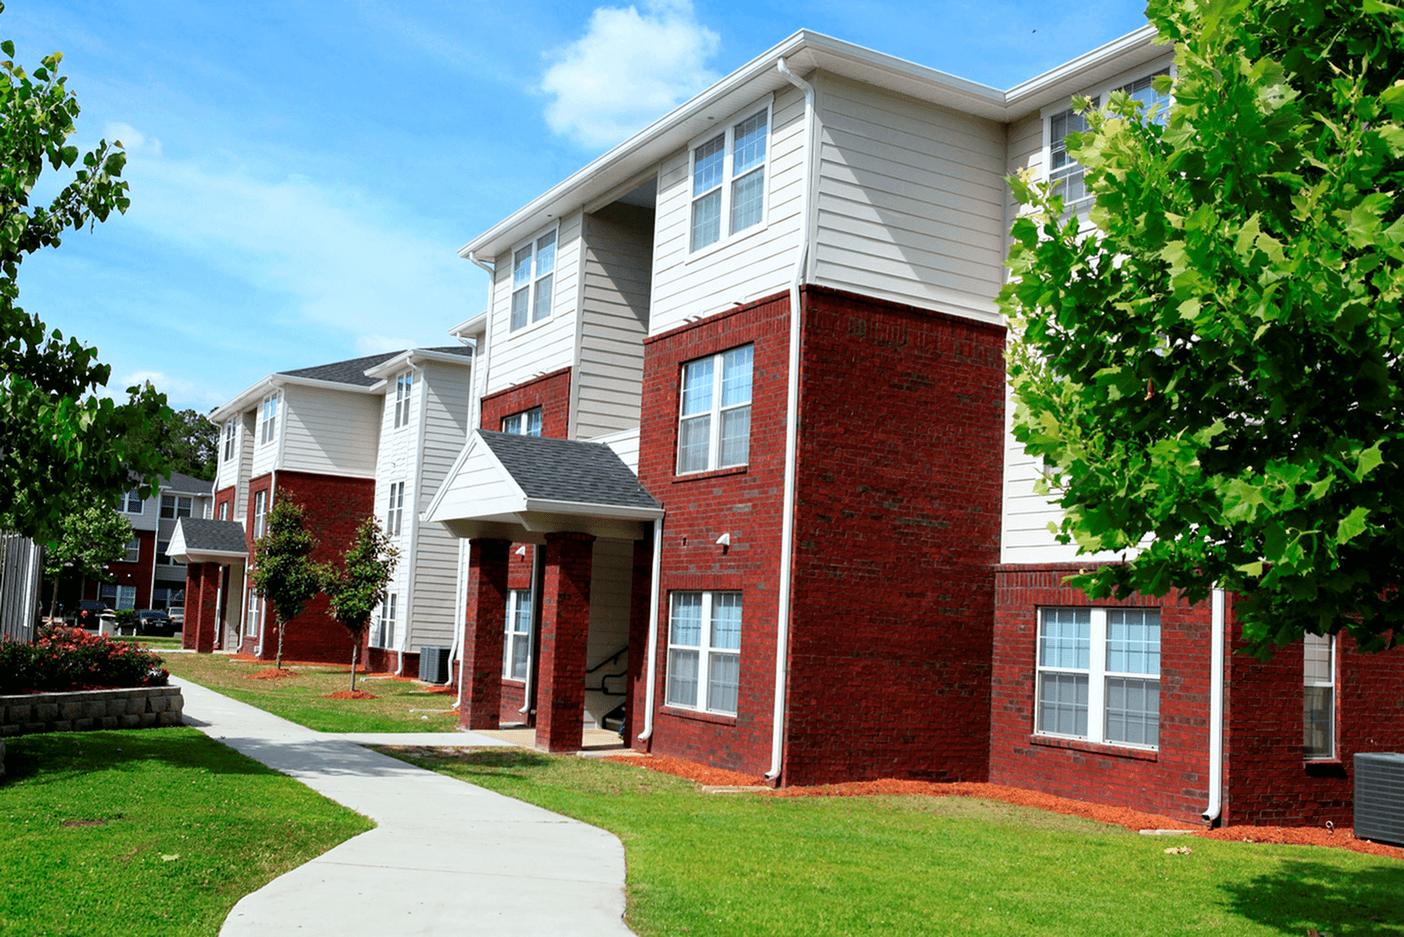 Tiger Bay Apartments